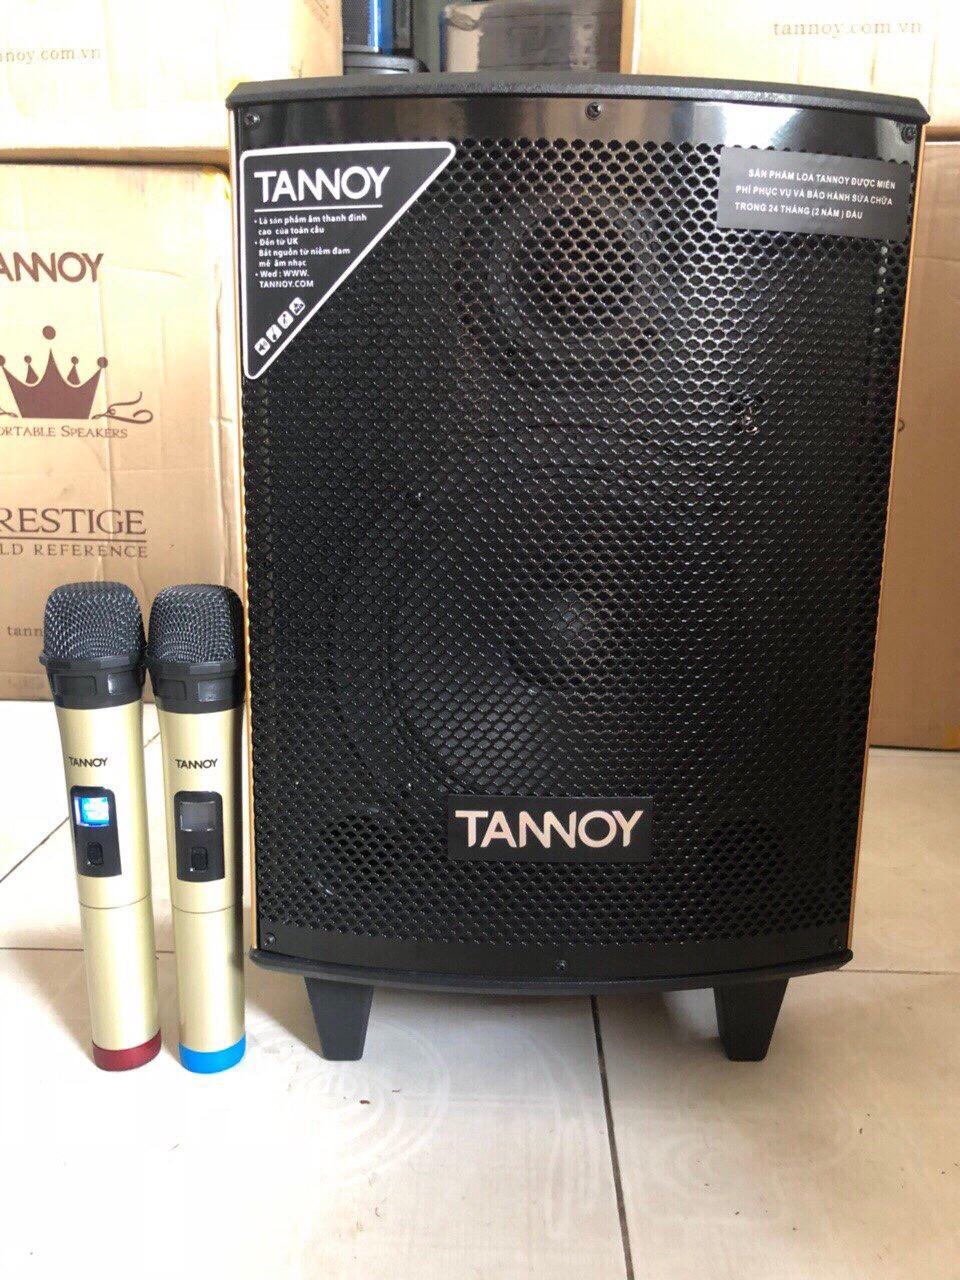 Loa kéo di động Tannoy TN08, bass 2 tấc, 2 mic led uhf giá sỉ và lẻ rẻ nhất